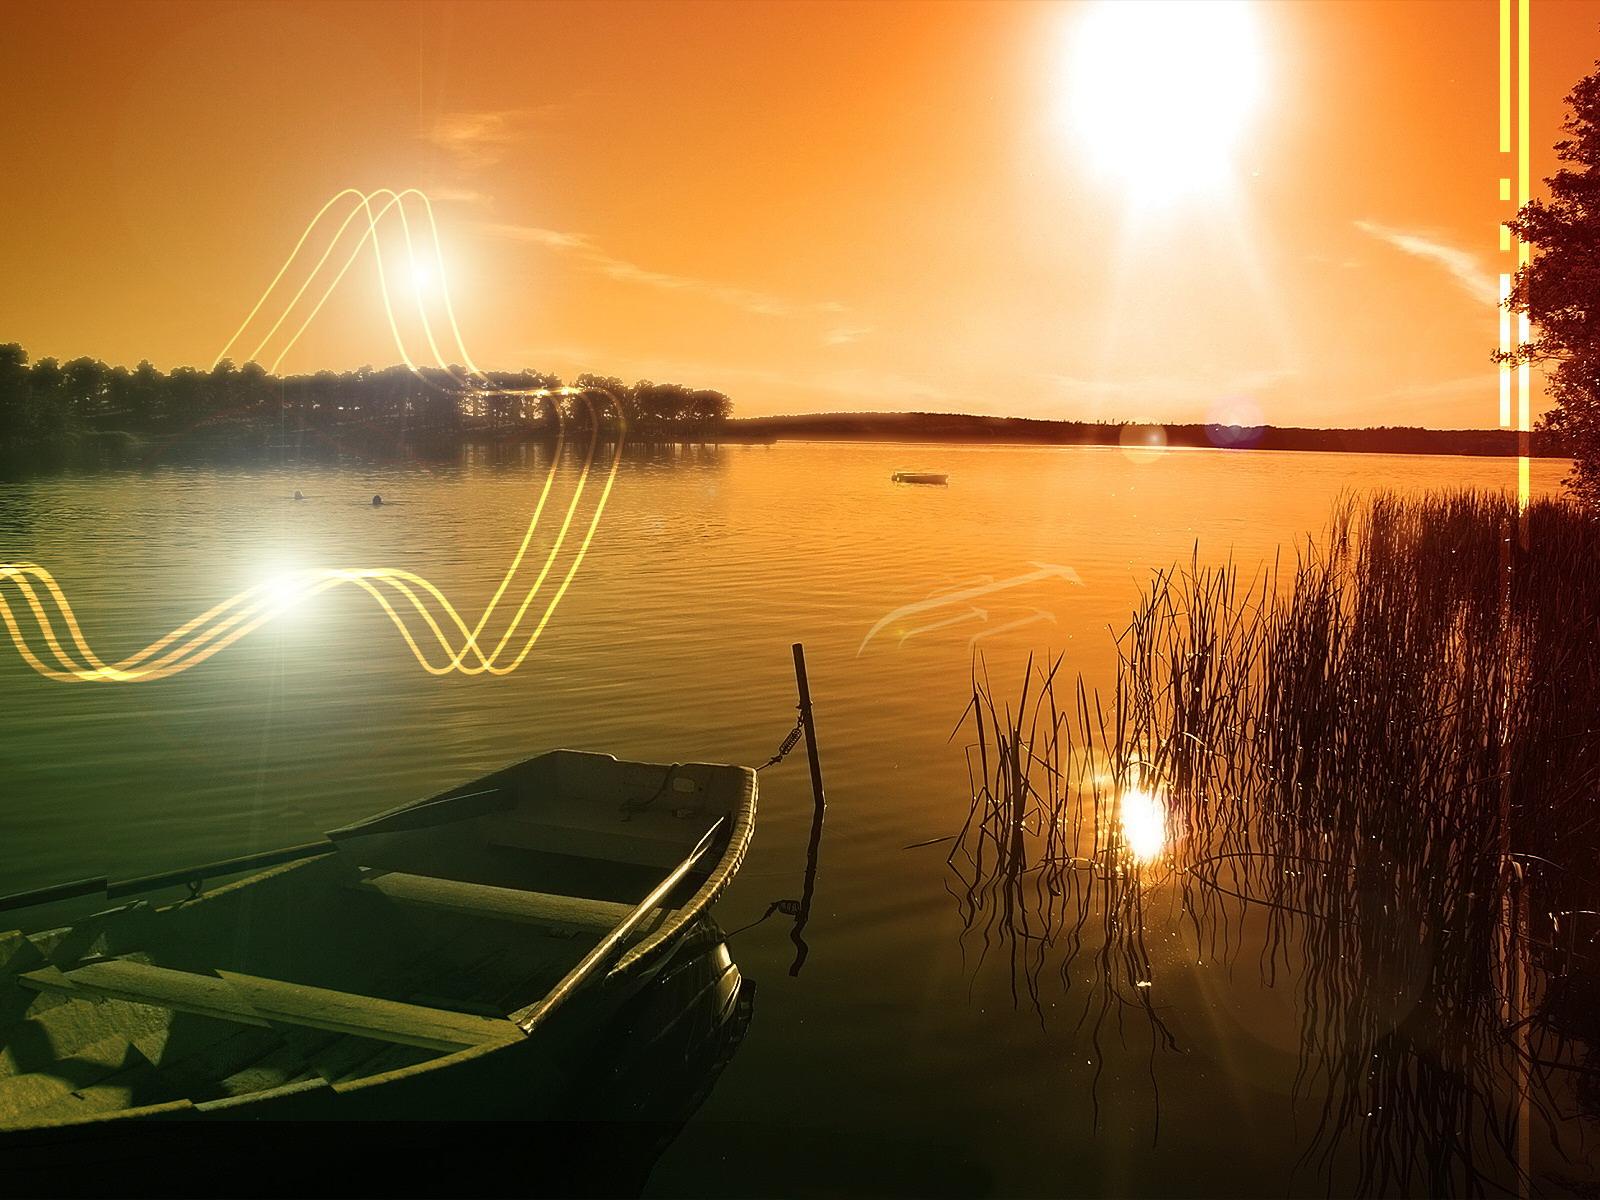 بالصور صور جميله جدا , اجمل المناظر في صور 3565 9